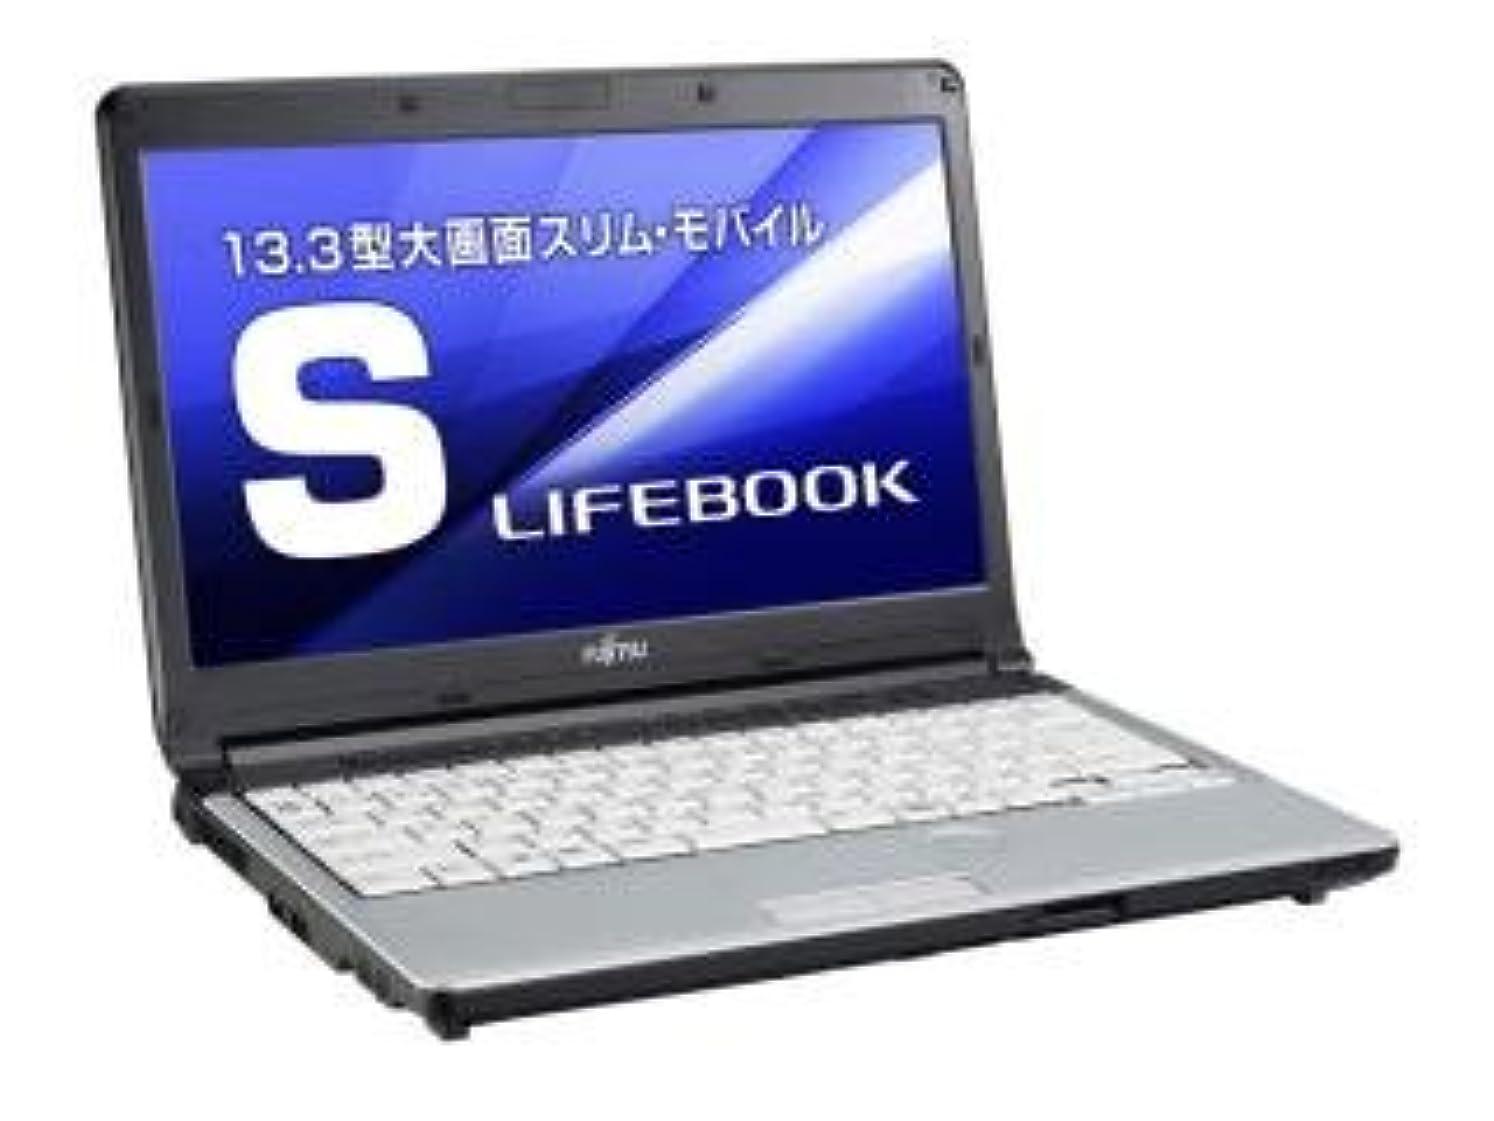 人柄祭司変装【Microsoft Office2010搭載】【Win 10 搭載】FUJITSU S761/D 第二世代i5 2.5GHz搭載 メモリー4GB搭載 HDD320GB搭載 無線LAN搭載 13型ワイド